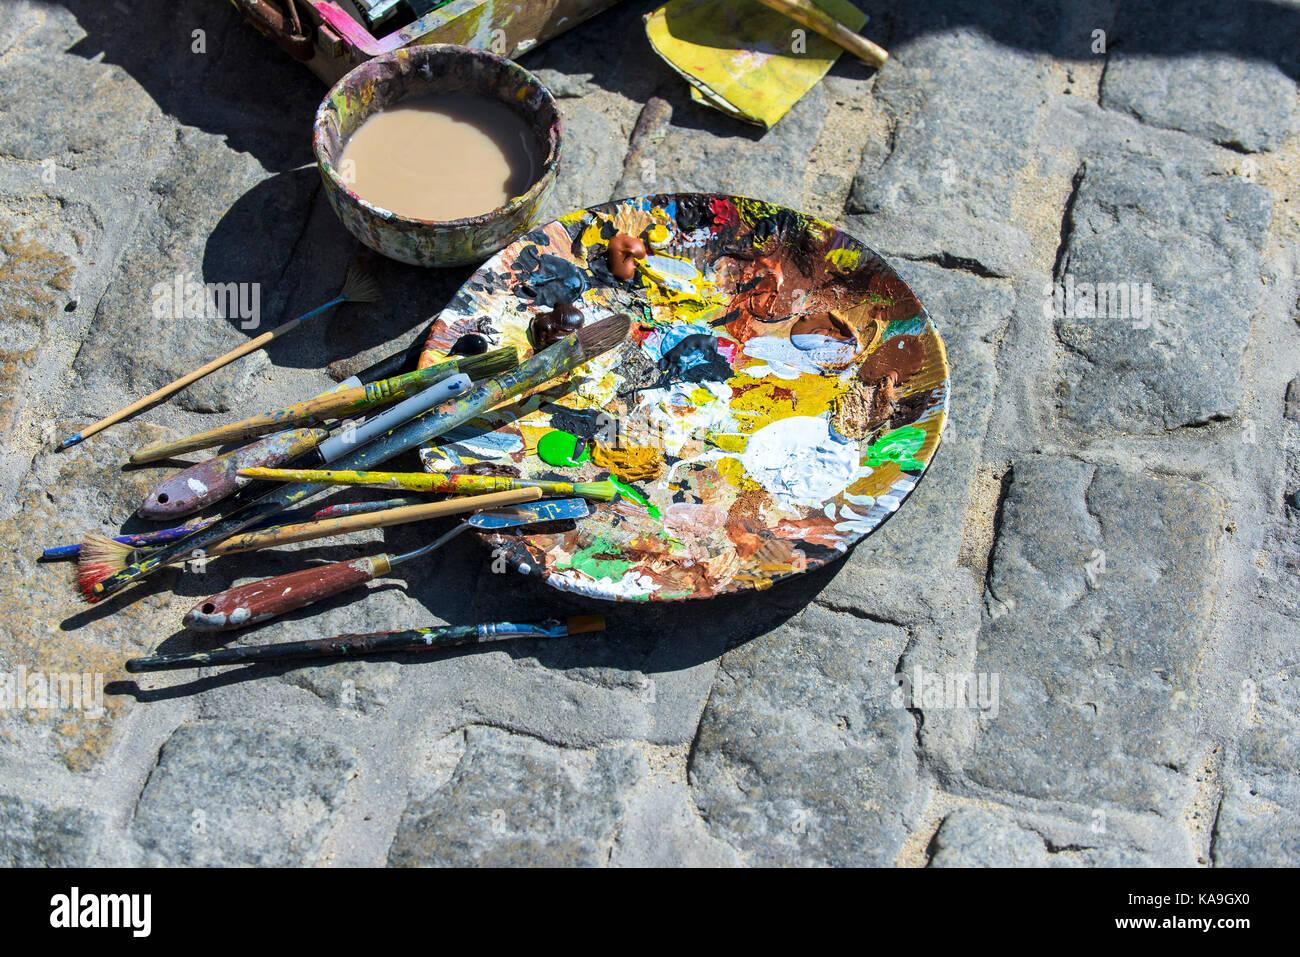 Vernice acrilica - una piastra utilizzata come una tavolozza degli artisti all'esterno. Immagini Stock